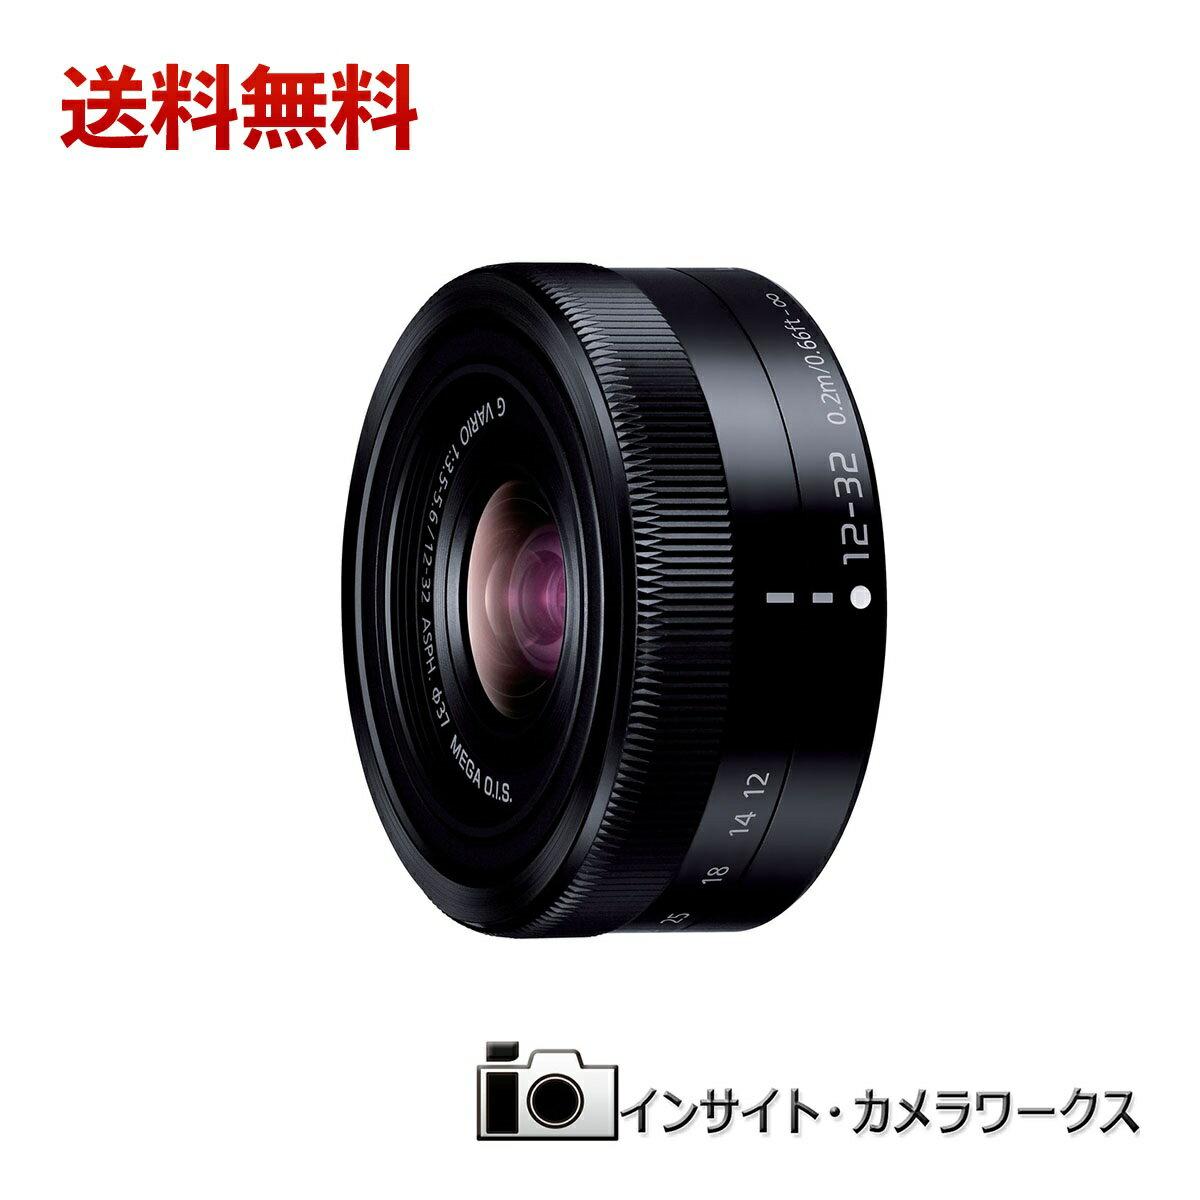 パナソニック『LUMIX G VARIO 12-32mm / F3.5-5.6 ASPH(H-FS12032)』